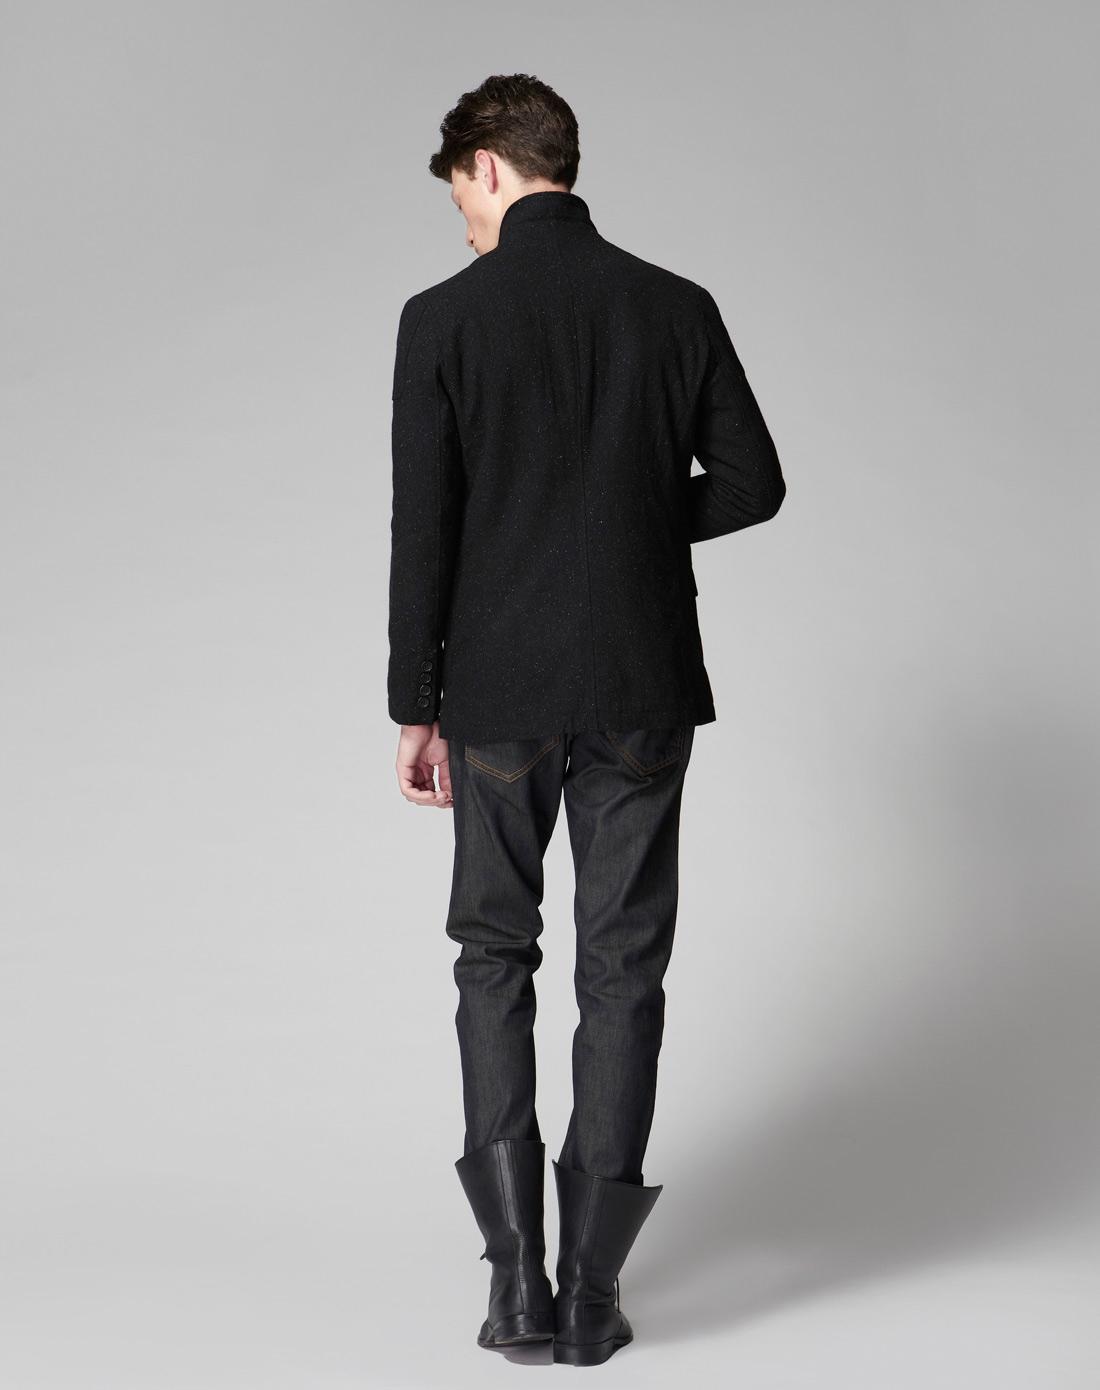 黑色西装外套图片